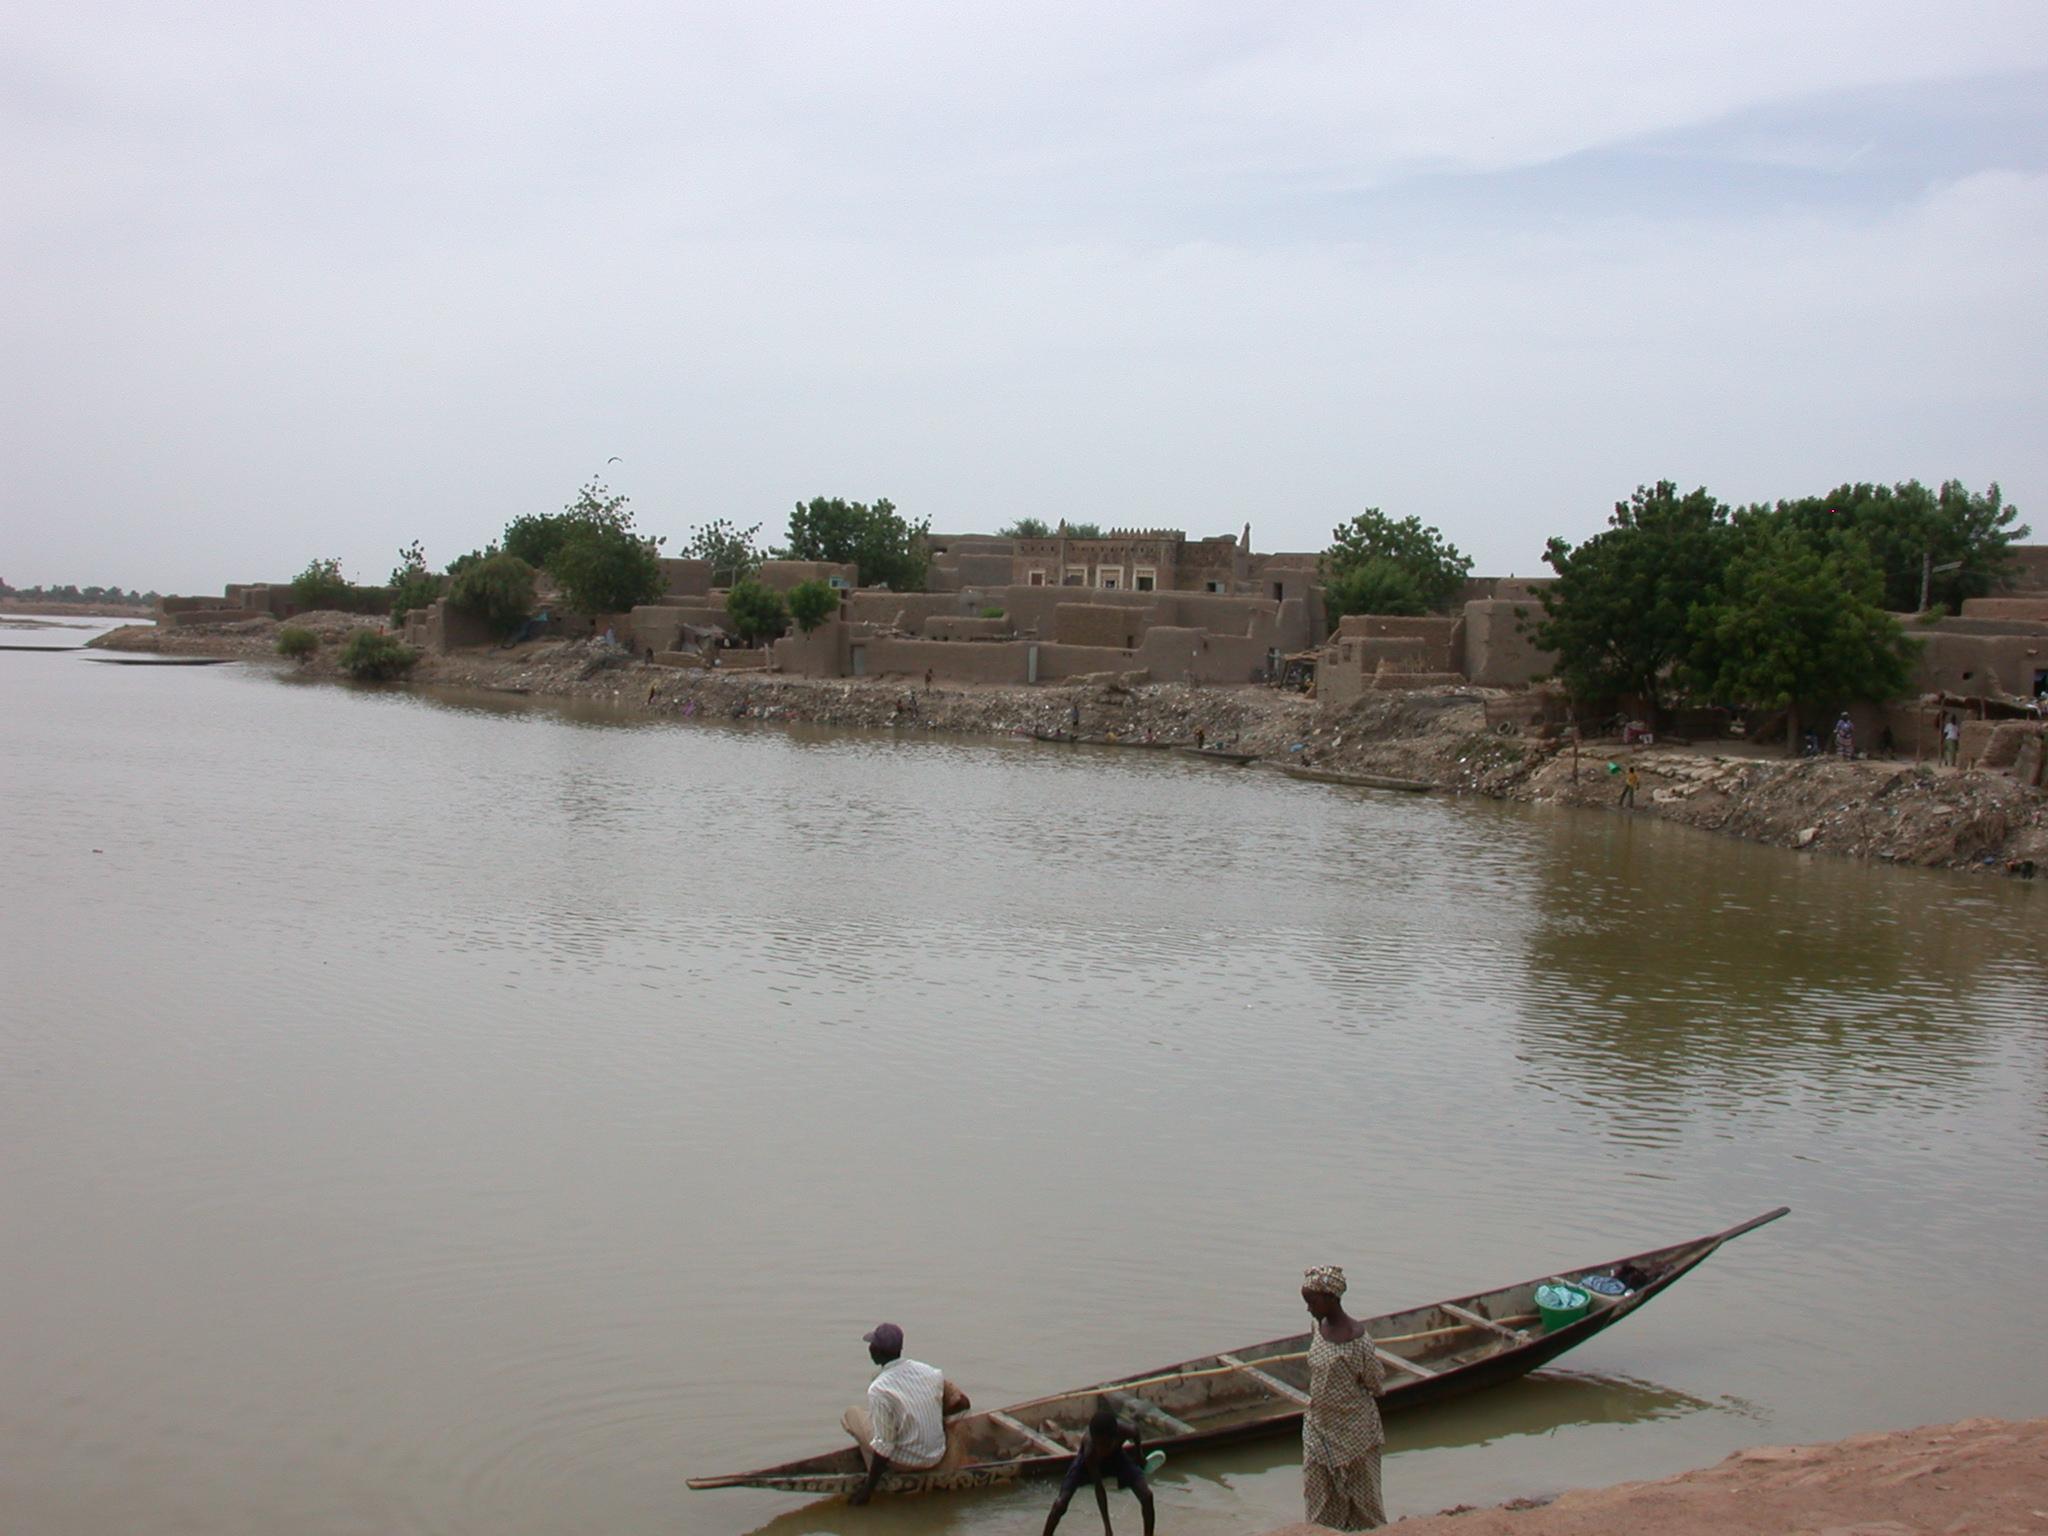 Pirogue in Jenne, Mali